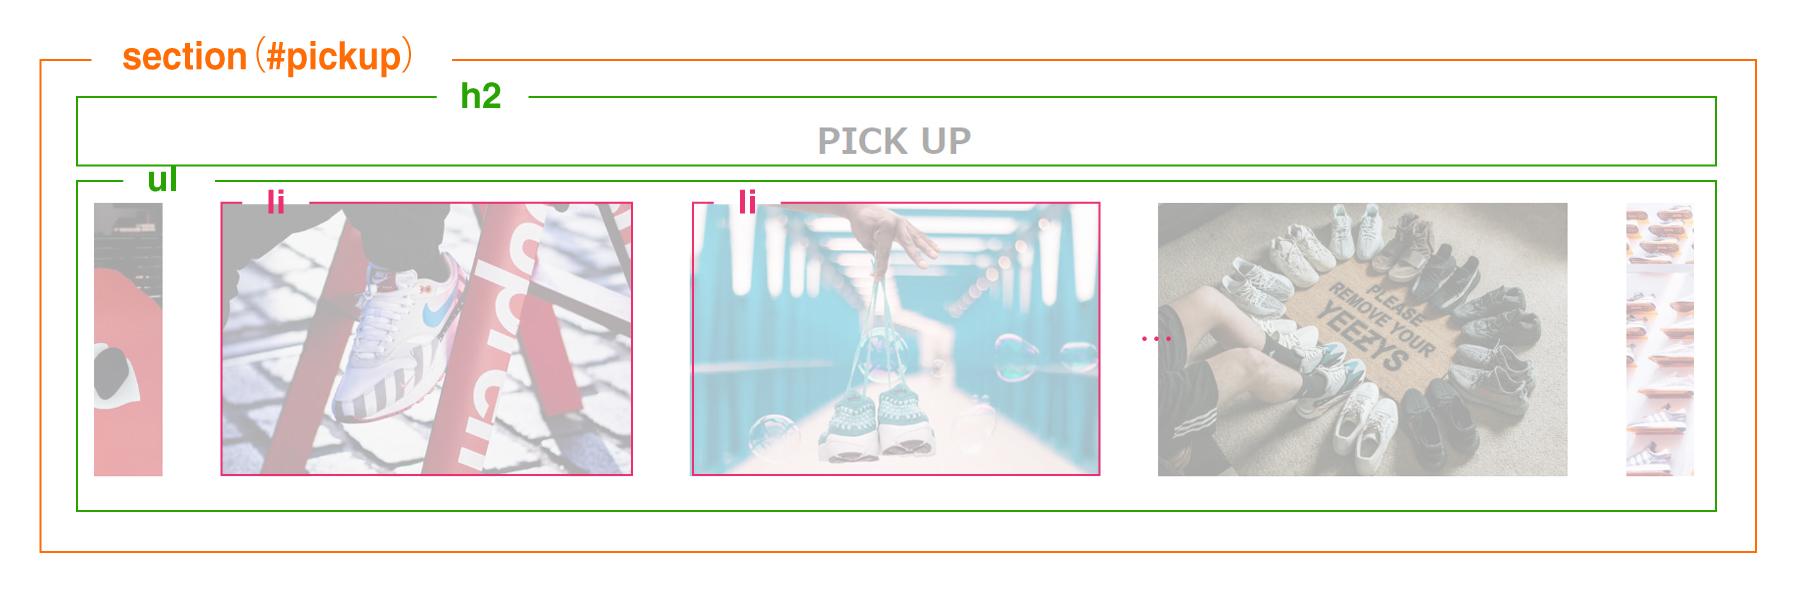 pickupエリアのレイアウト構成